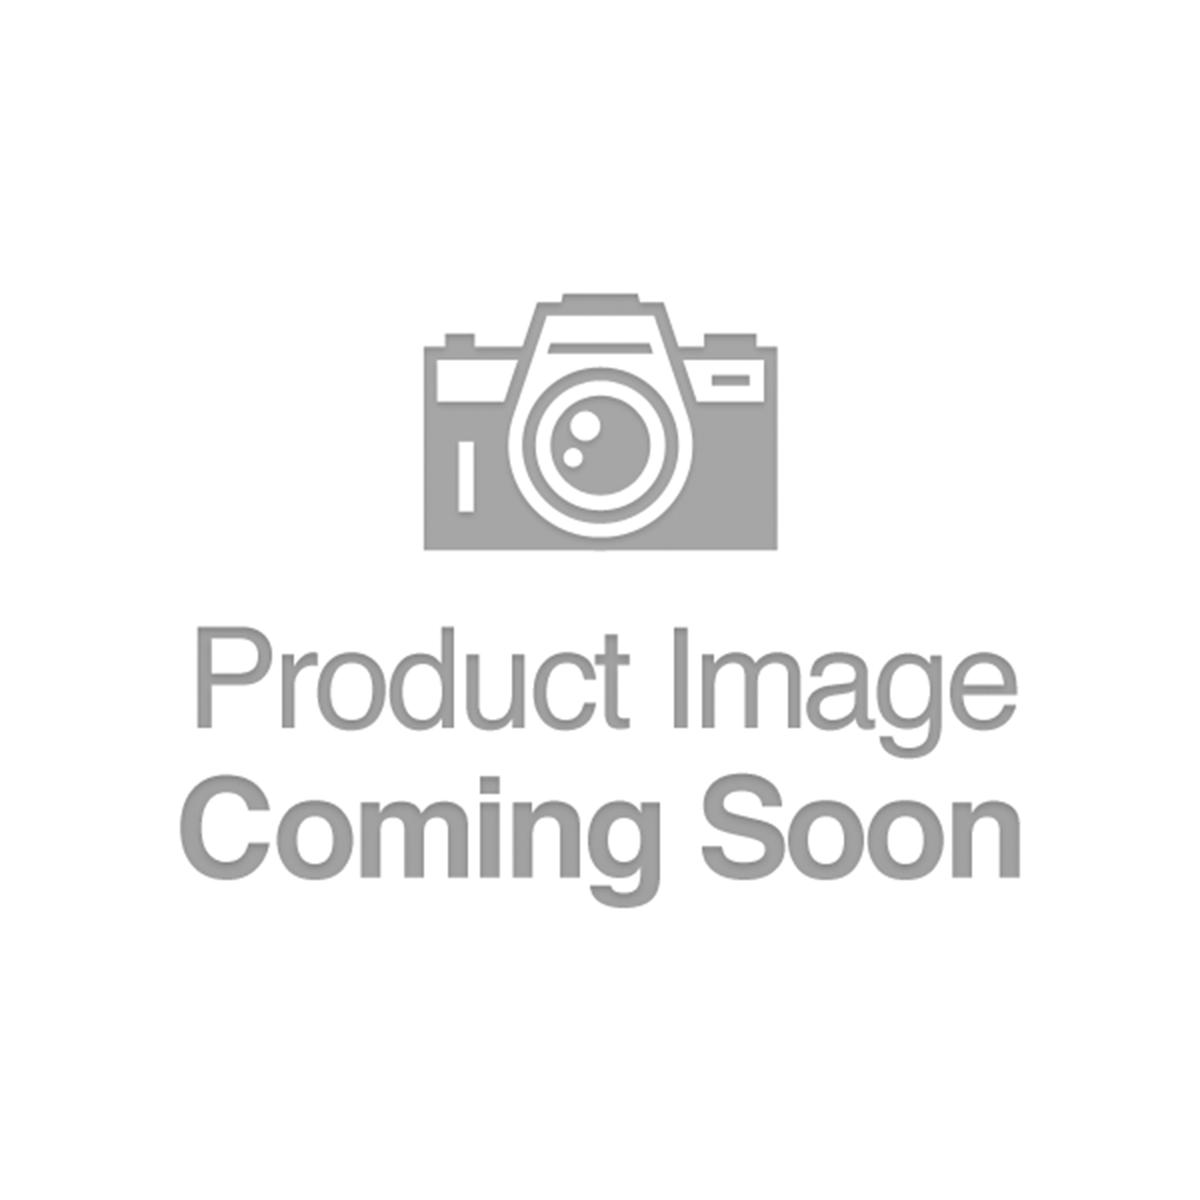 Russellville - Kentucky - CH 6546 - FR 650 - PMG 20